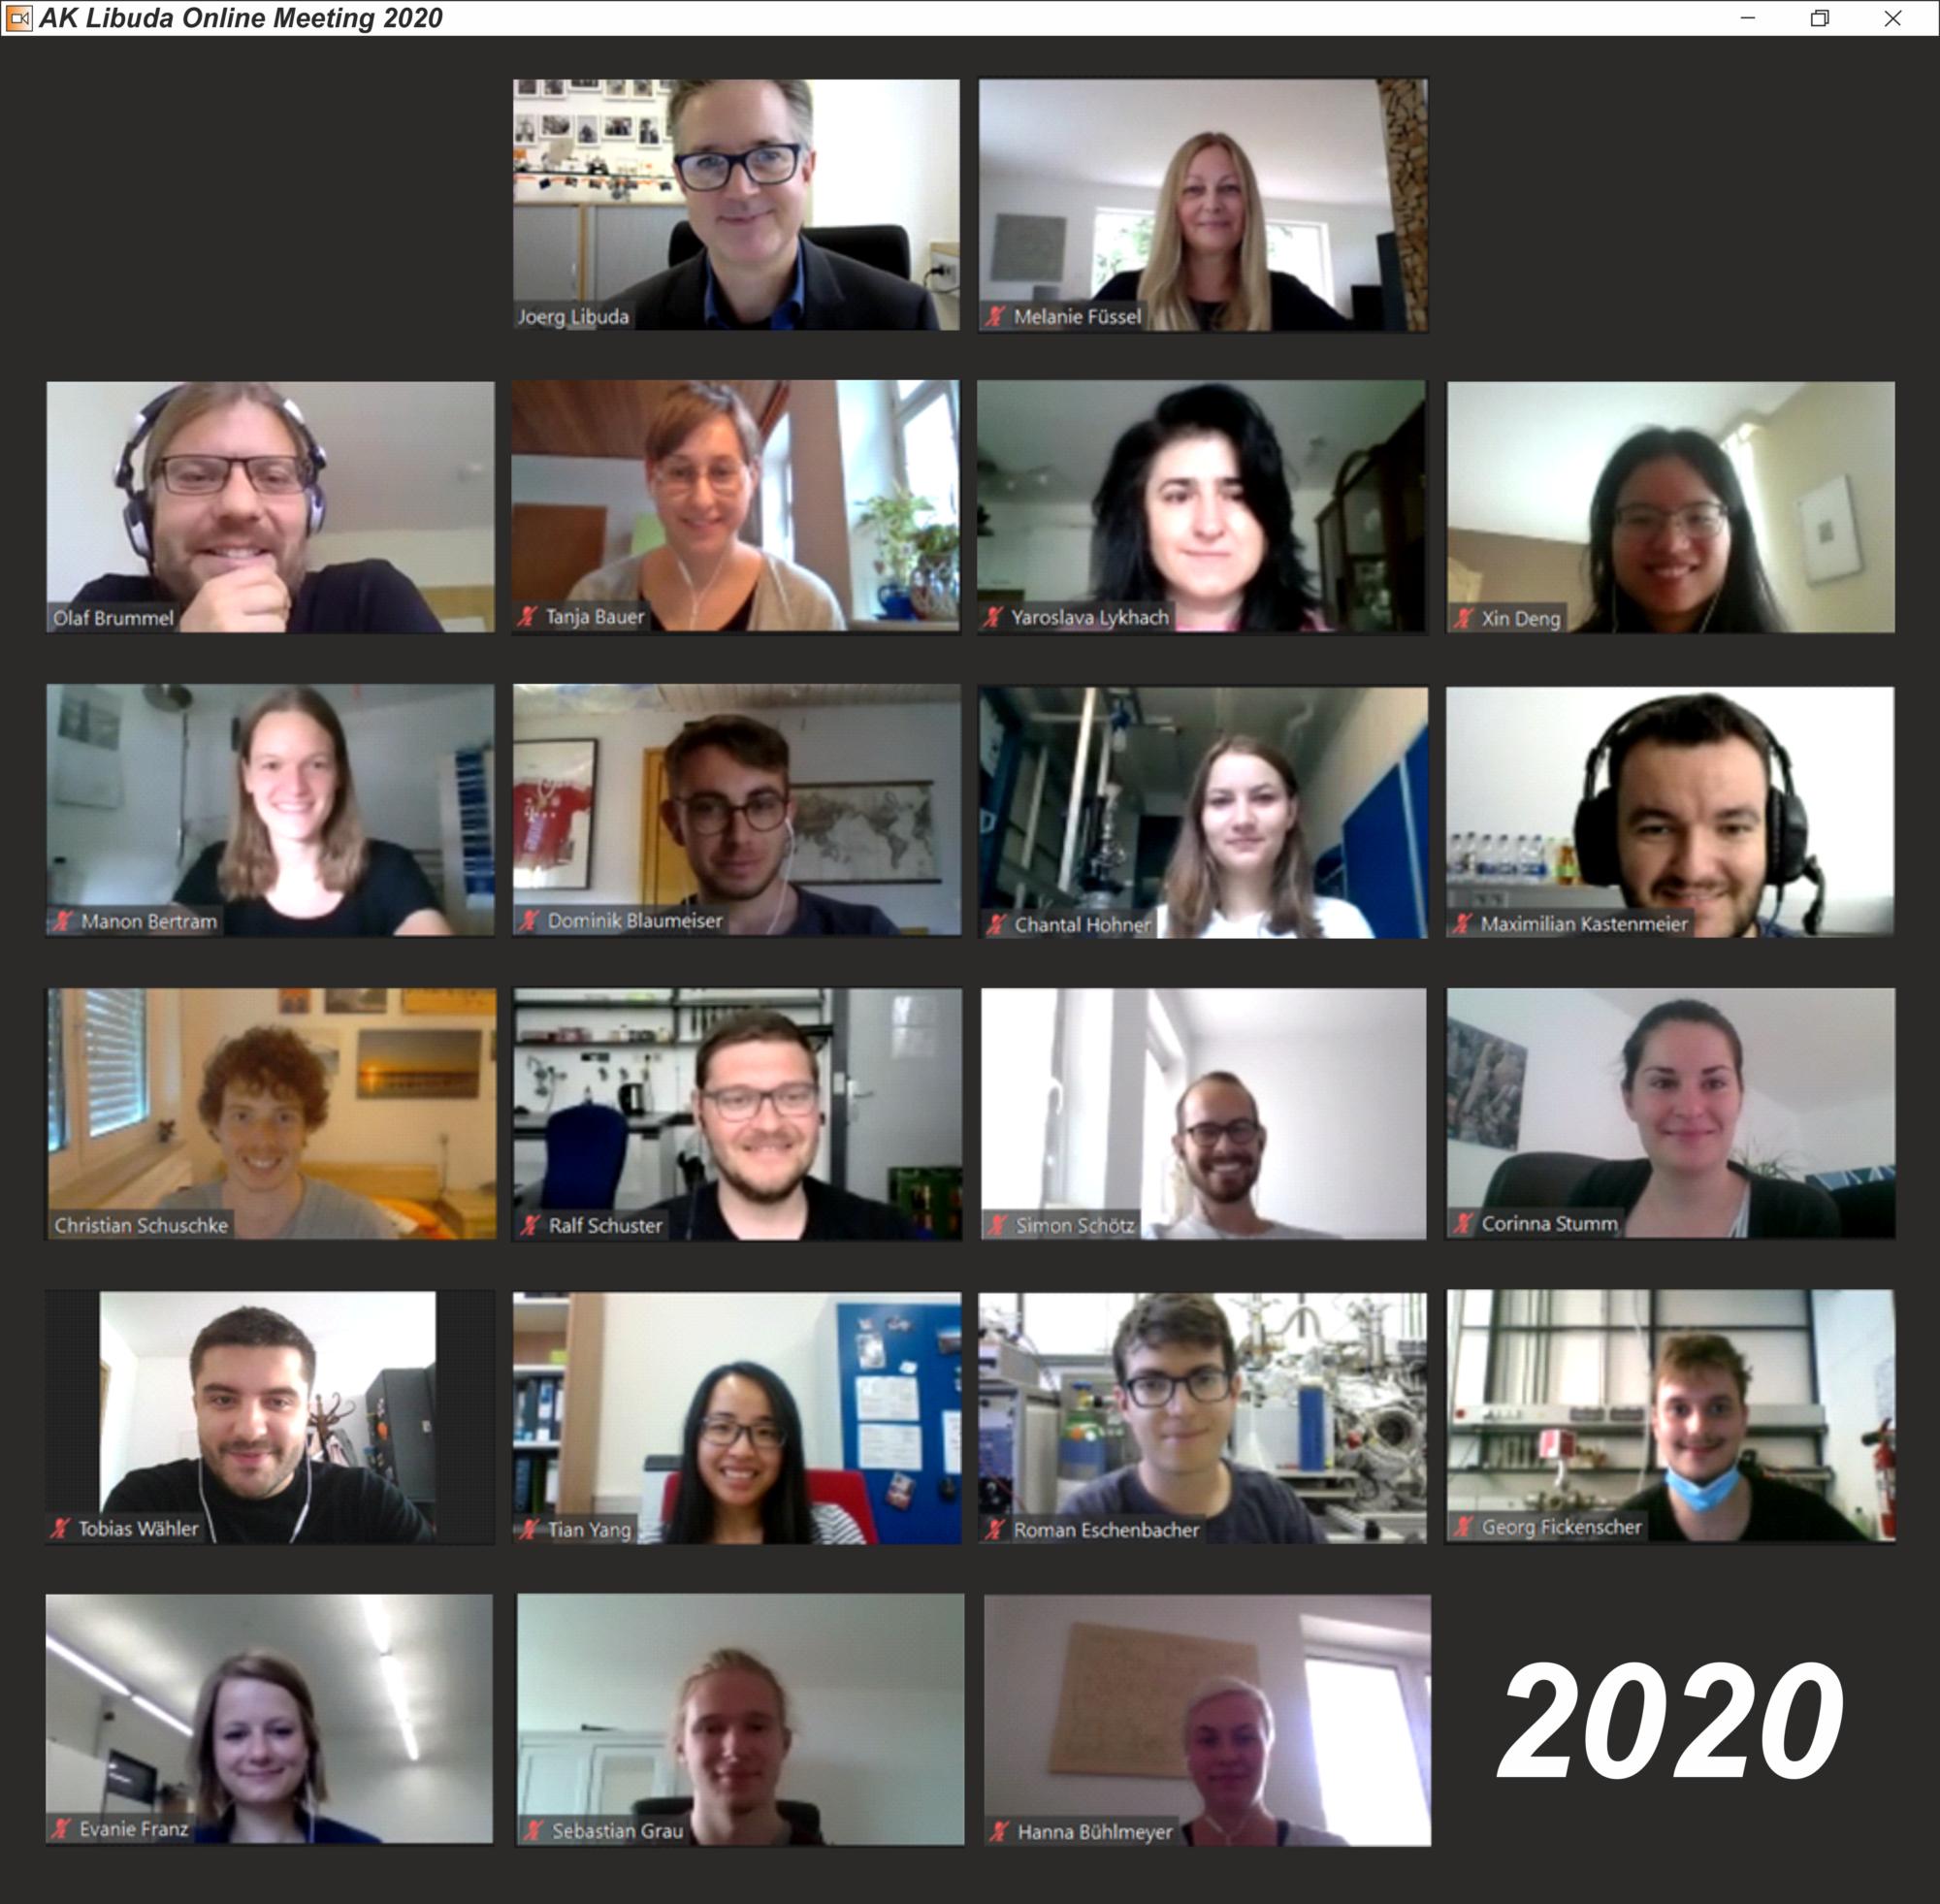 Libuda Group 2020 - (image: FAU)